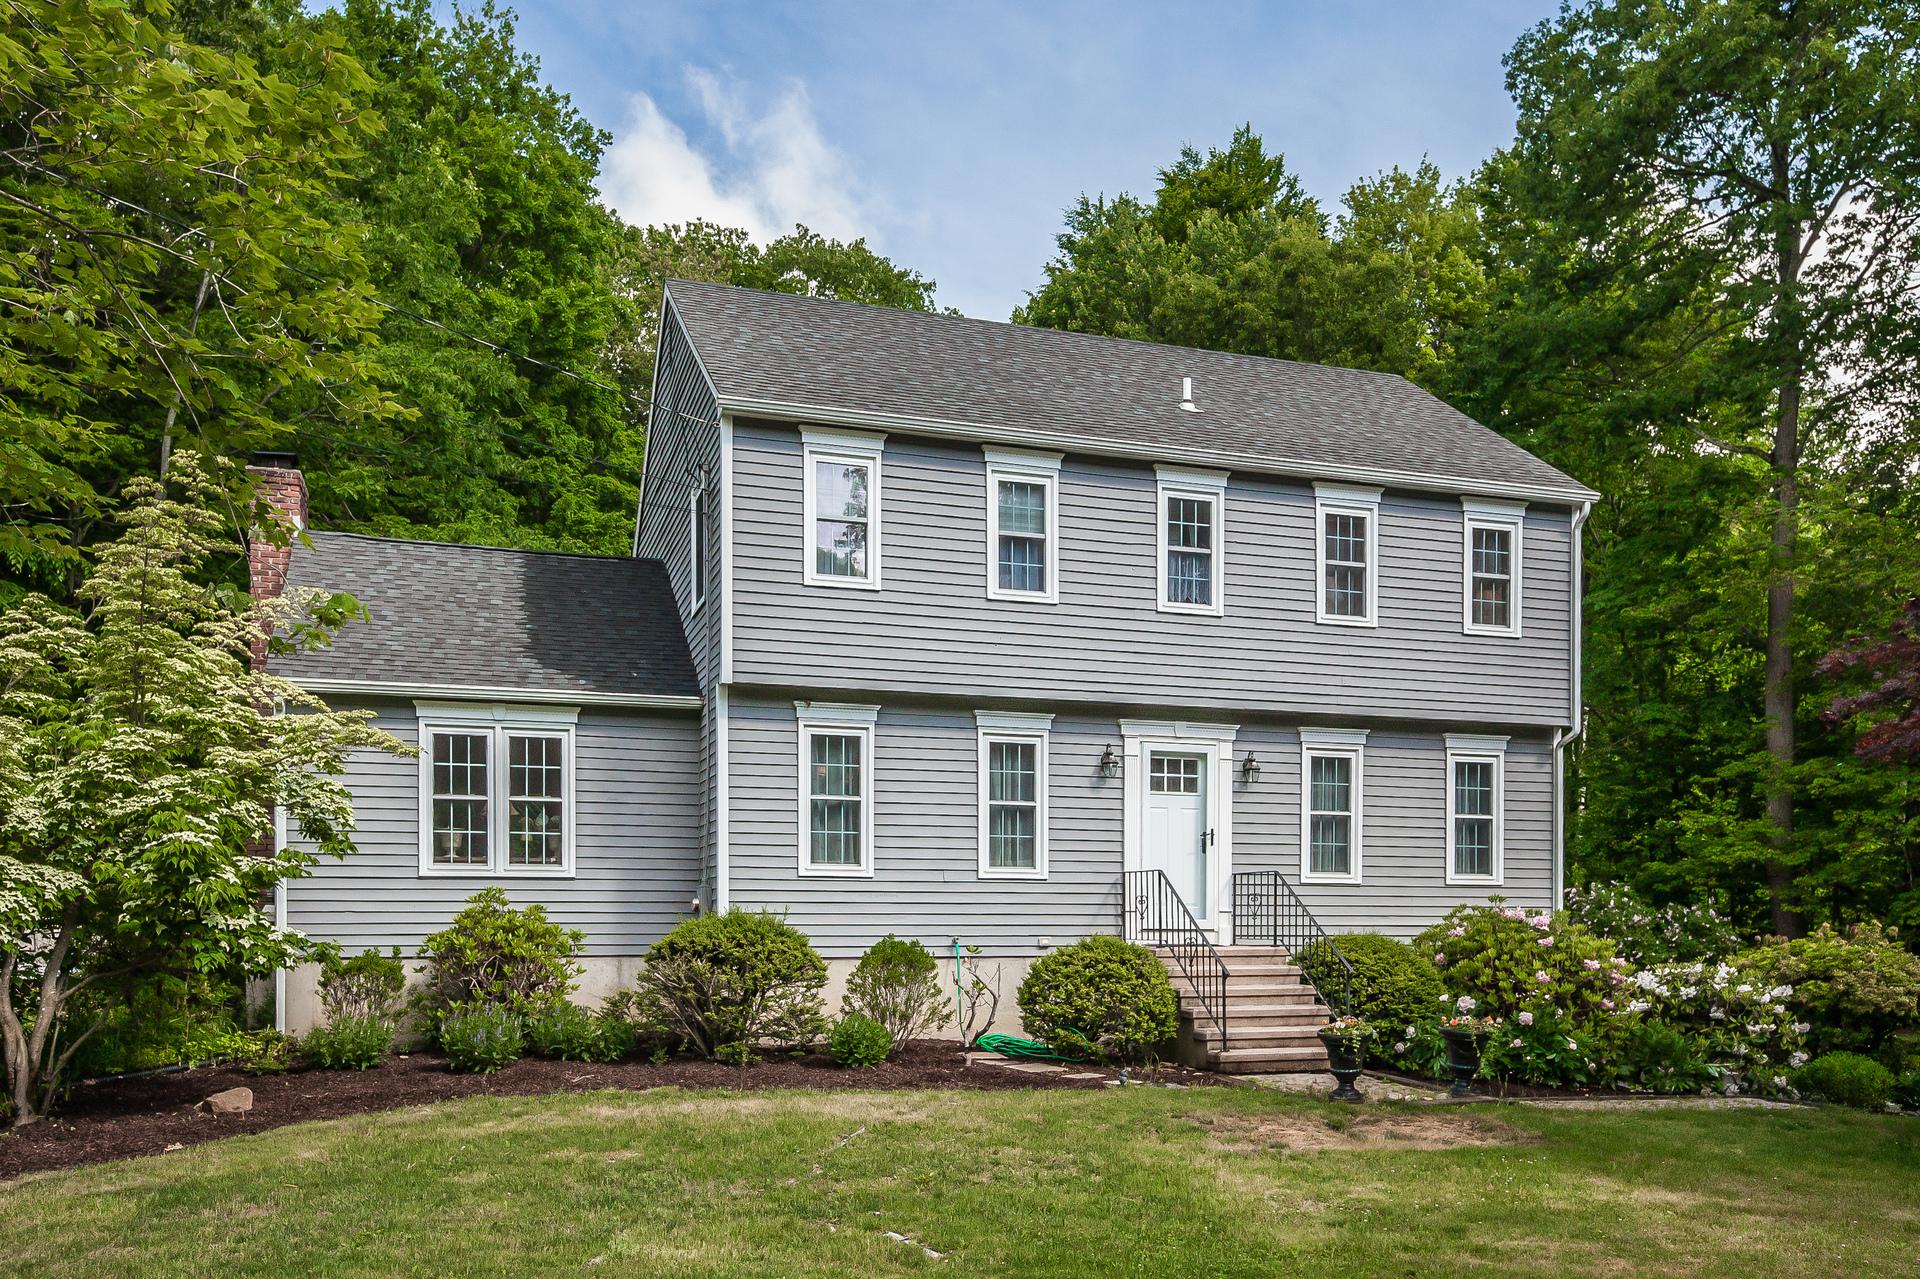 Casa Unifamiliar por un Venta en Bright and Updated Colonial! 32 Bartlett Dr Madison, Connecticut 06443 Estados Unidos